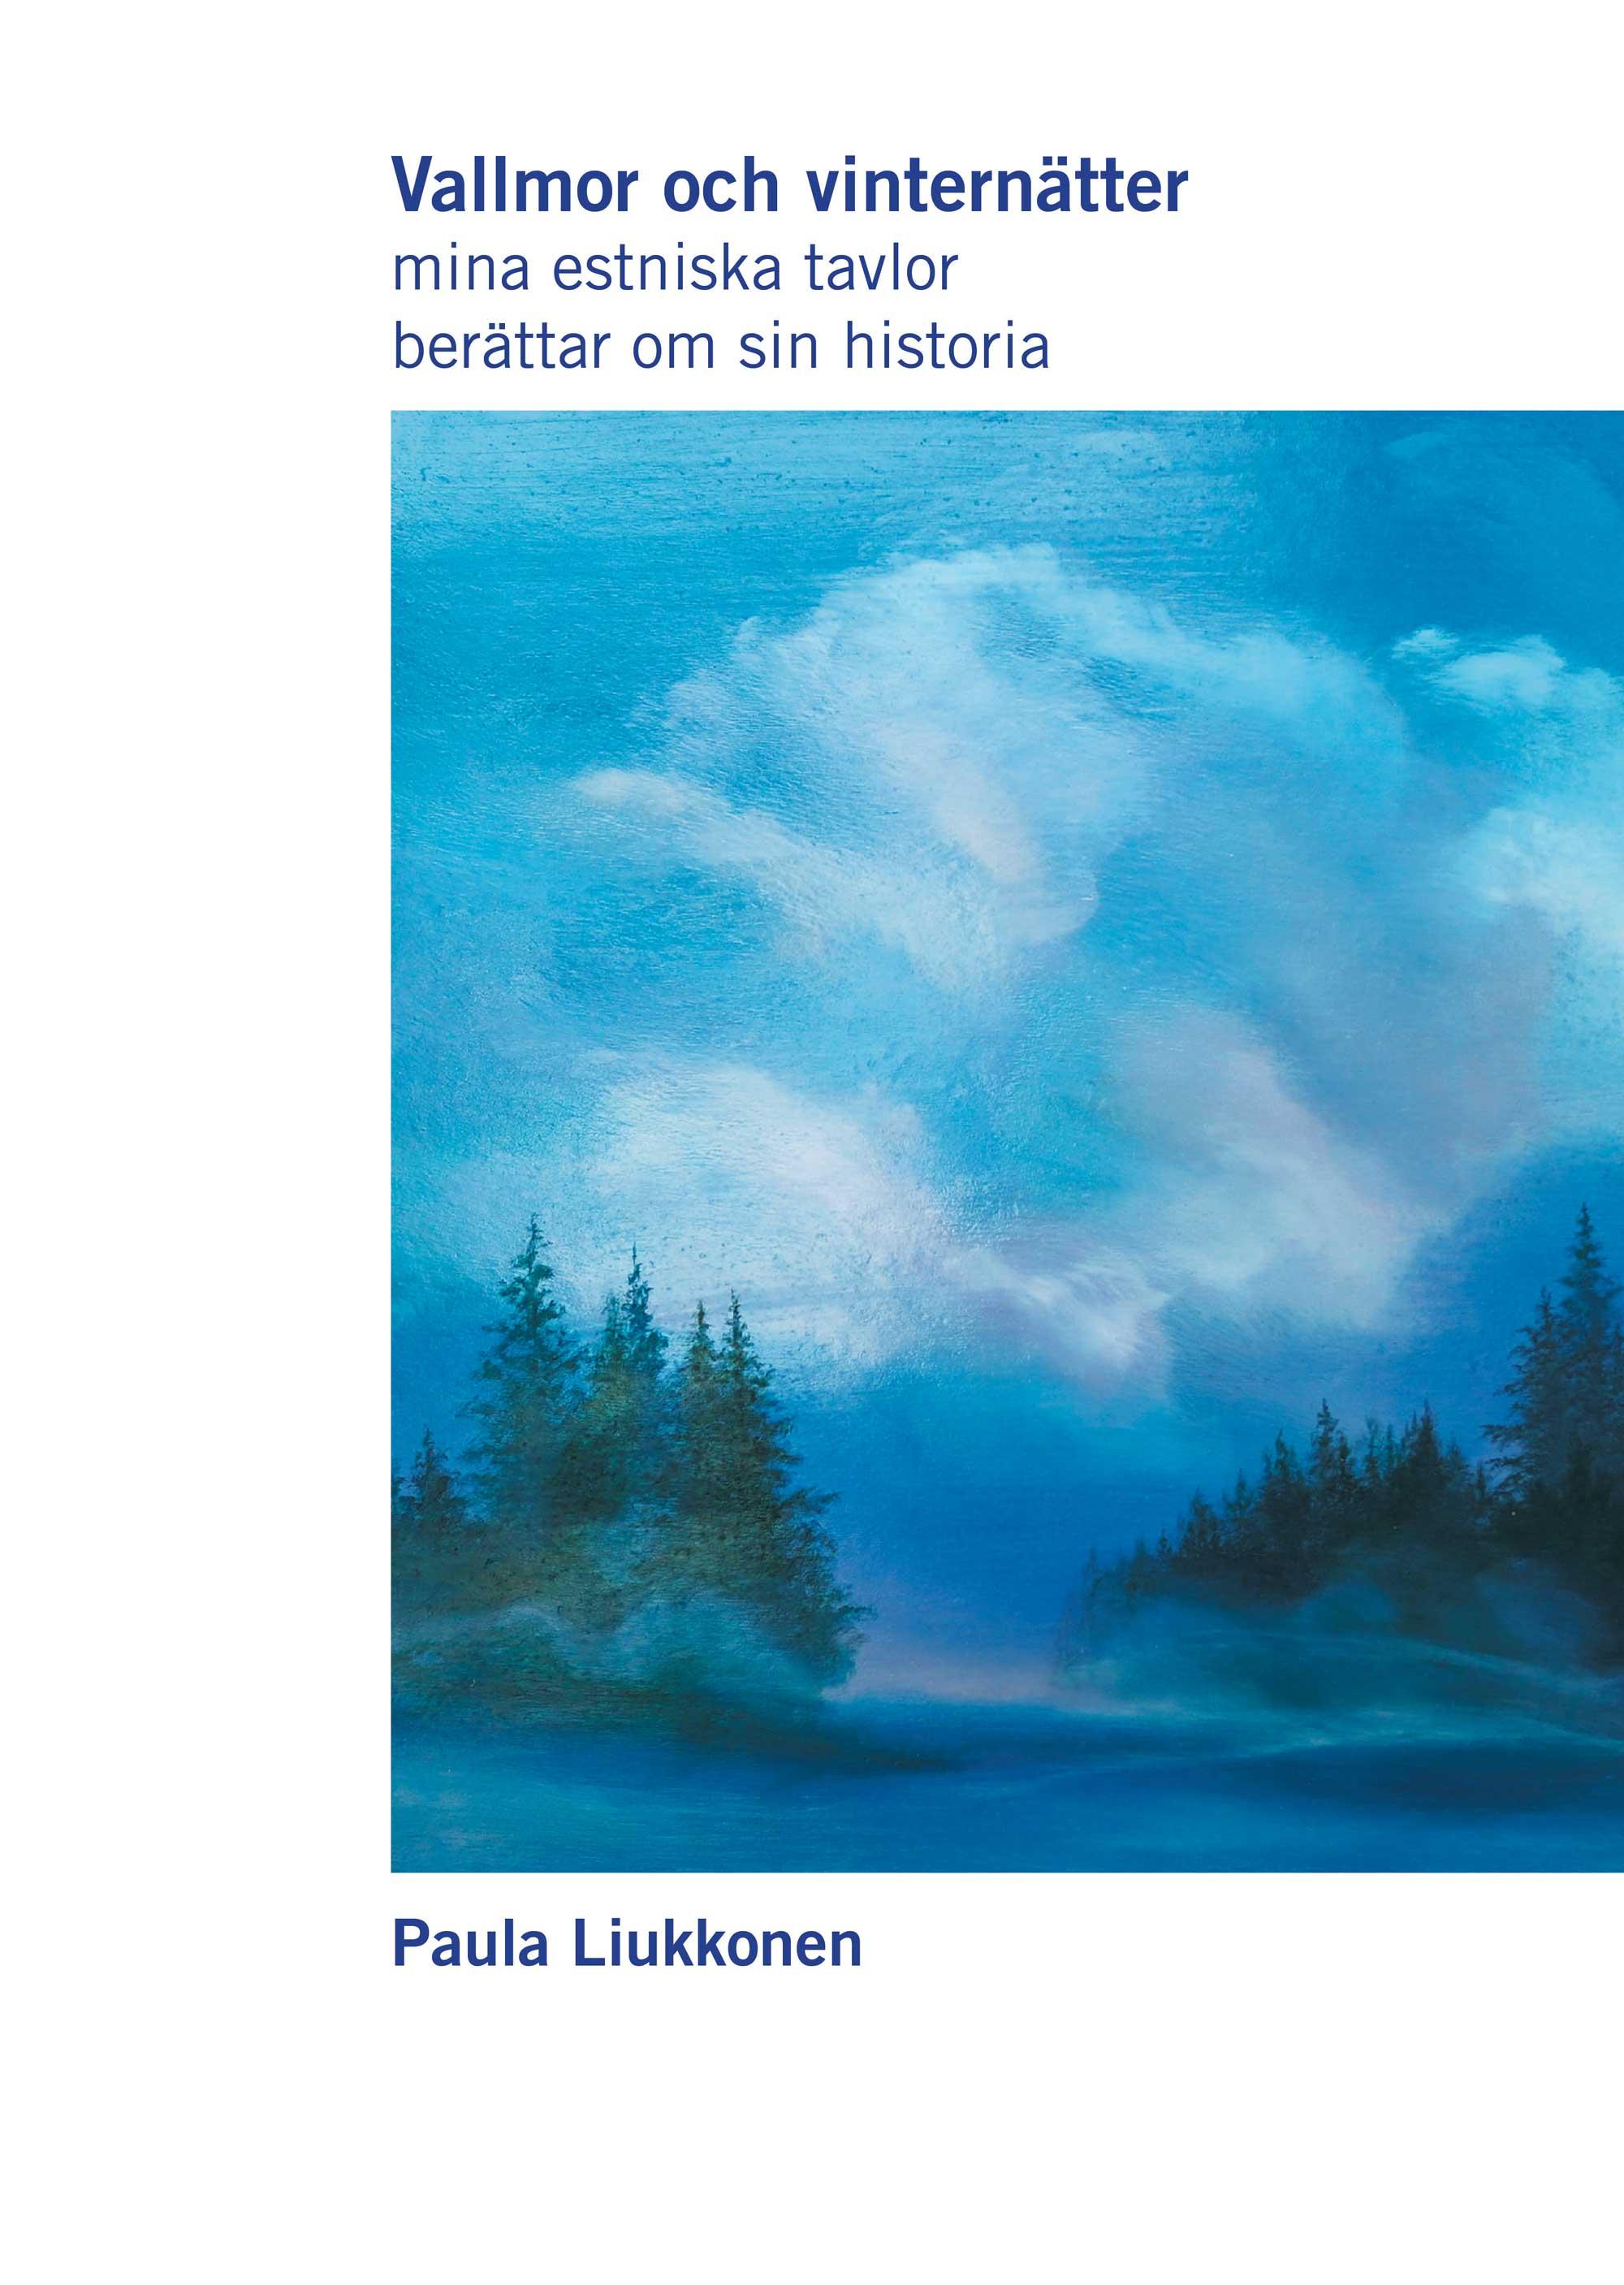 Vallmor och vinternätter : mina estniska tavlor berättar om sin historia av Paula Liukkonen